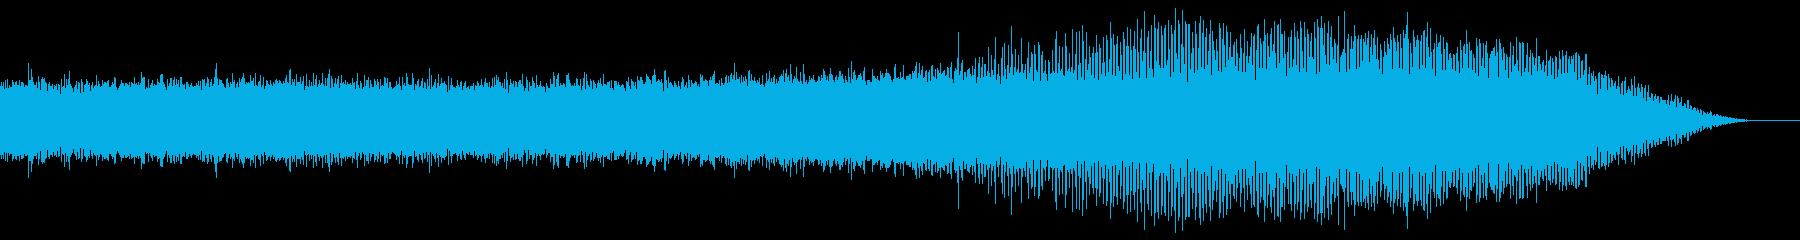 響き渡る夏の終わりの蝉の合唱の再生済みの波形